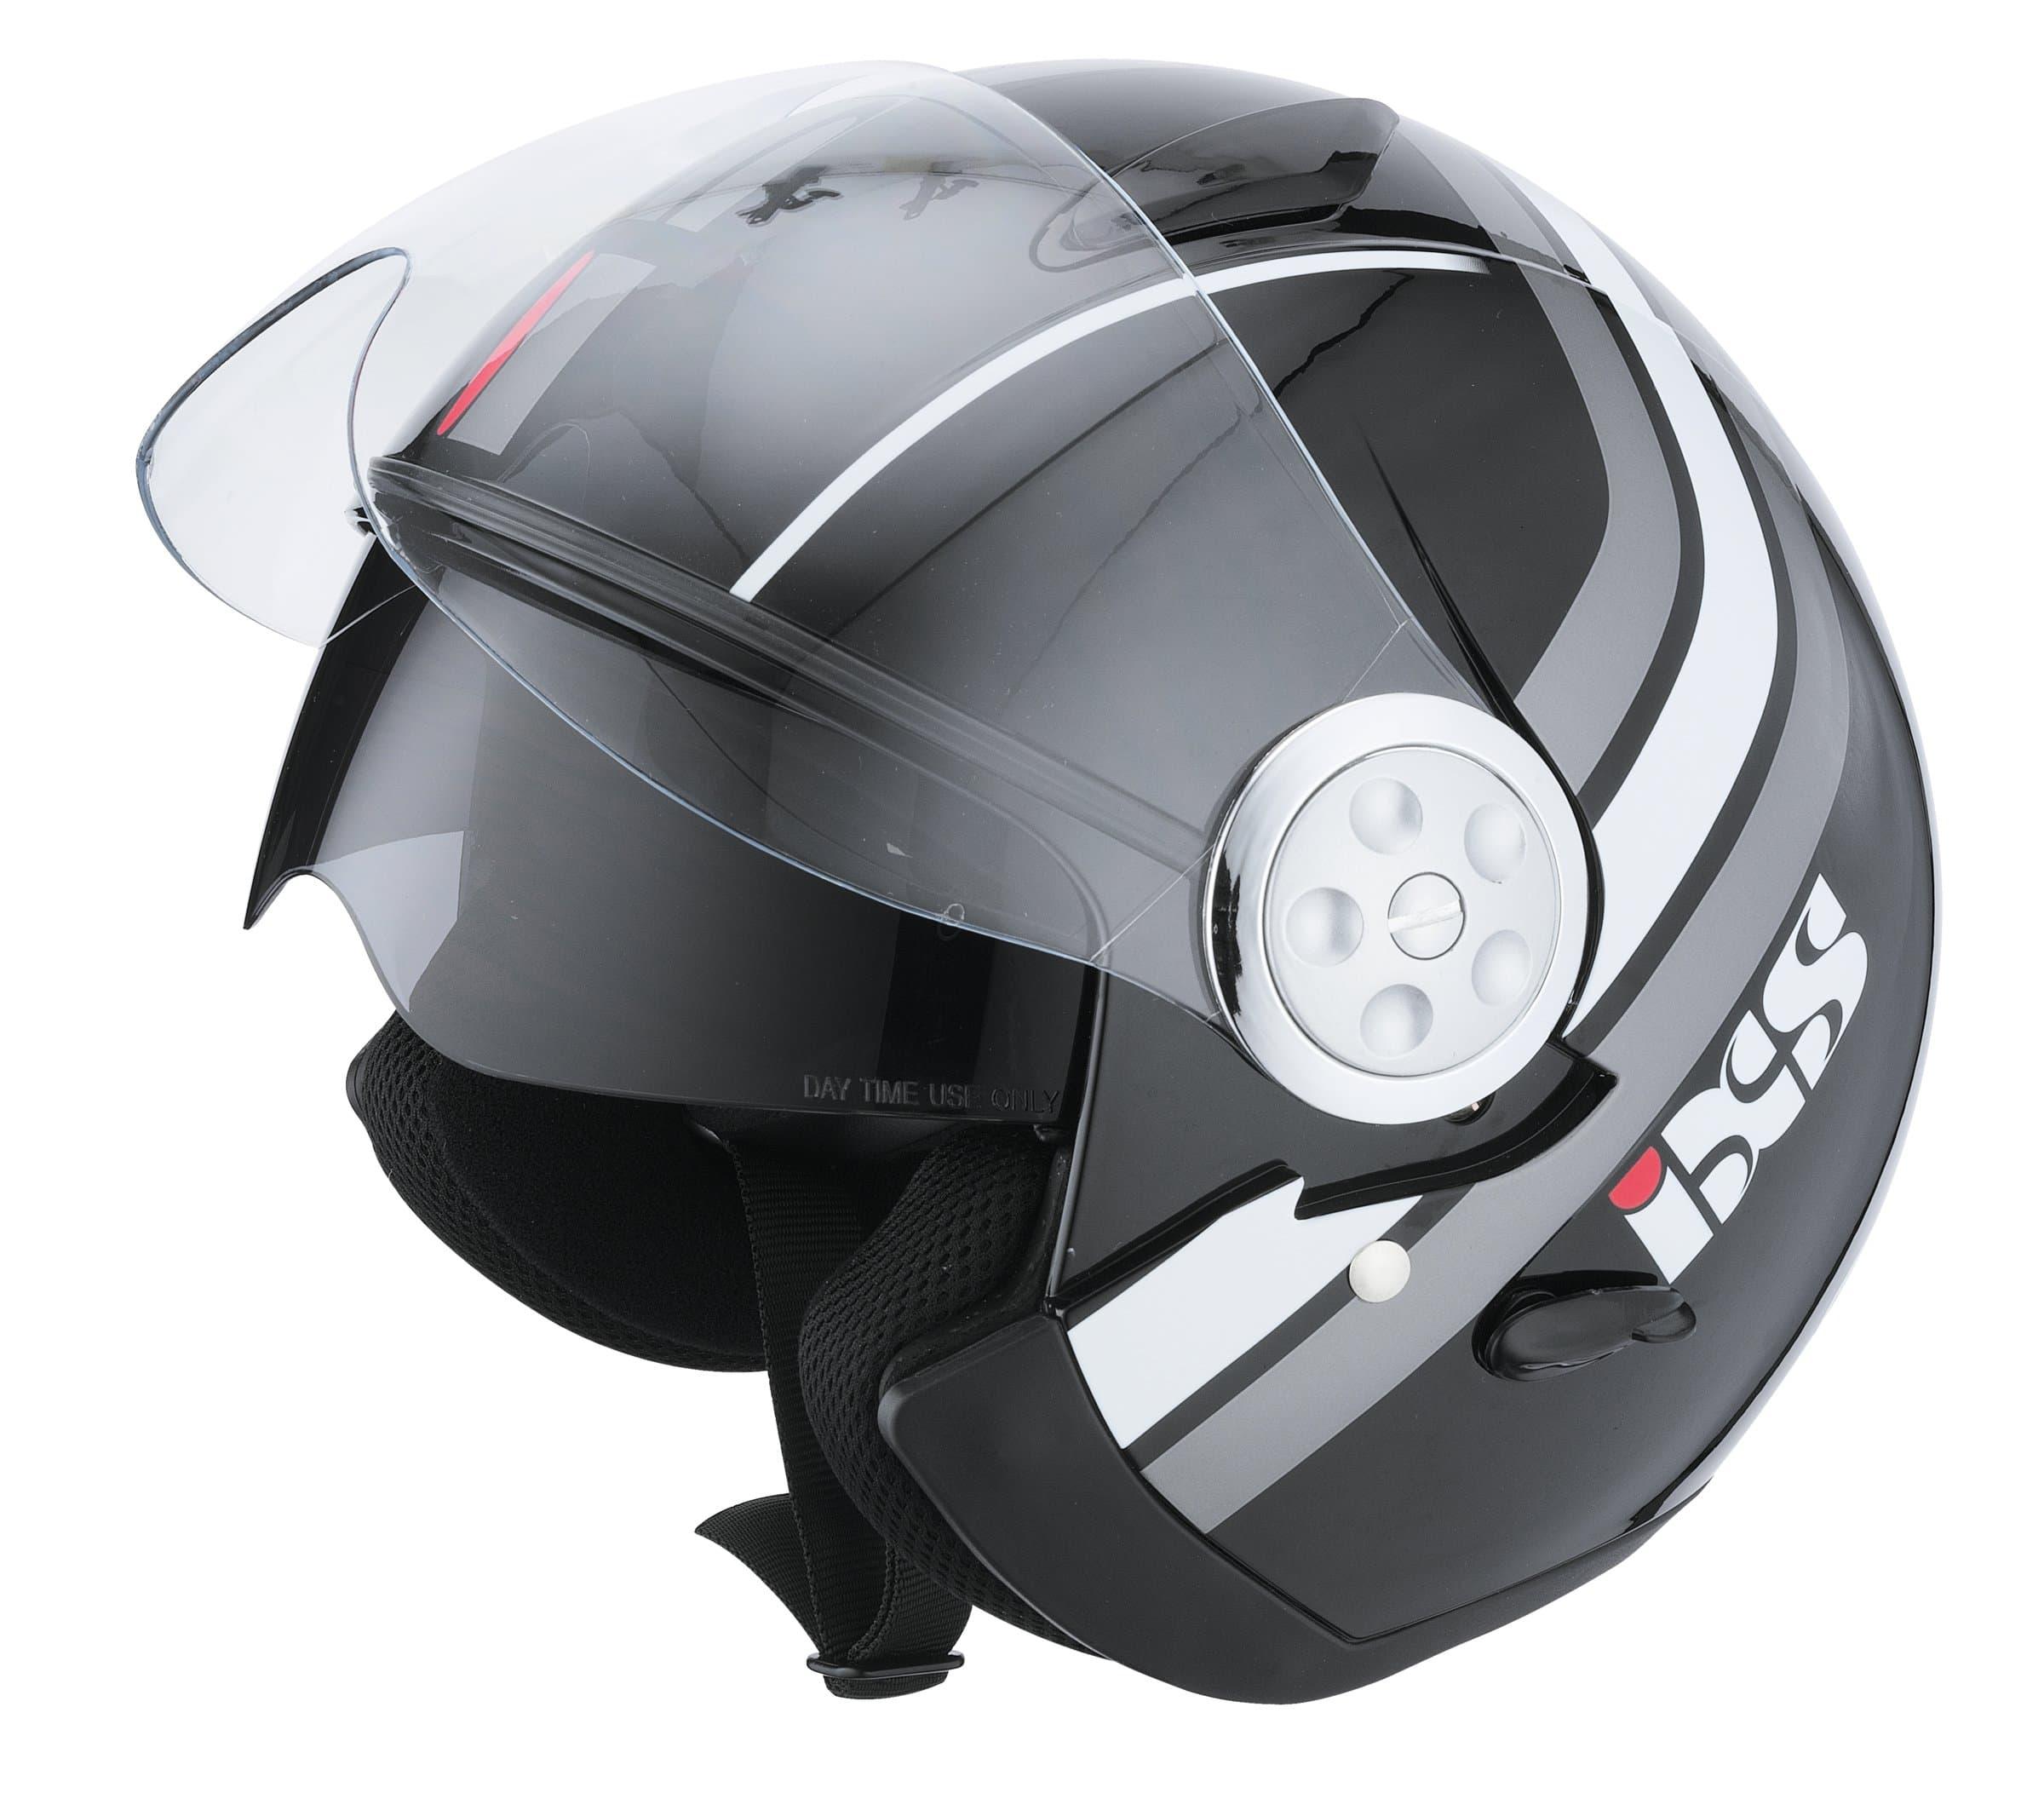 Ixs HX 137 style Motorrad-Jethelm